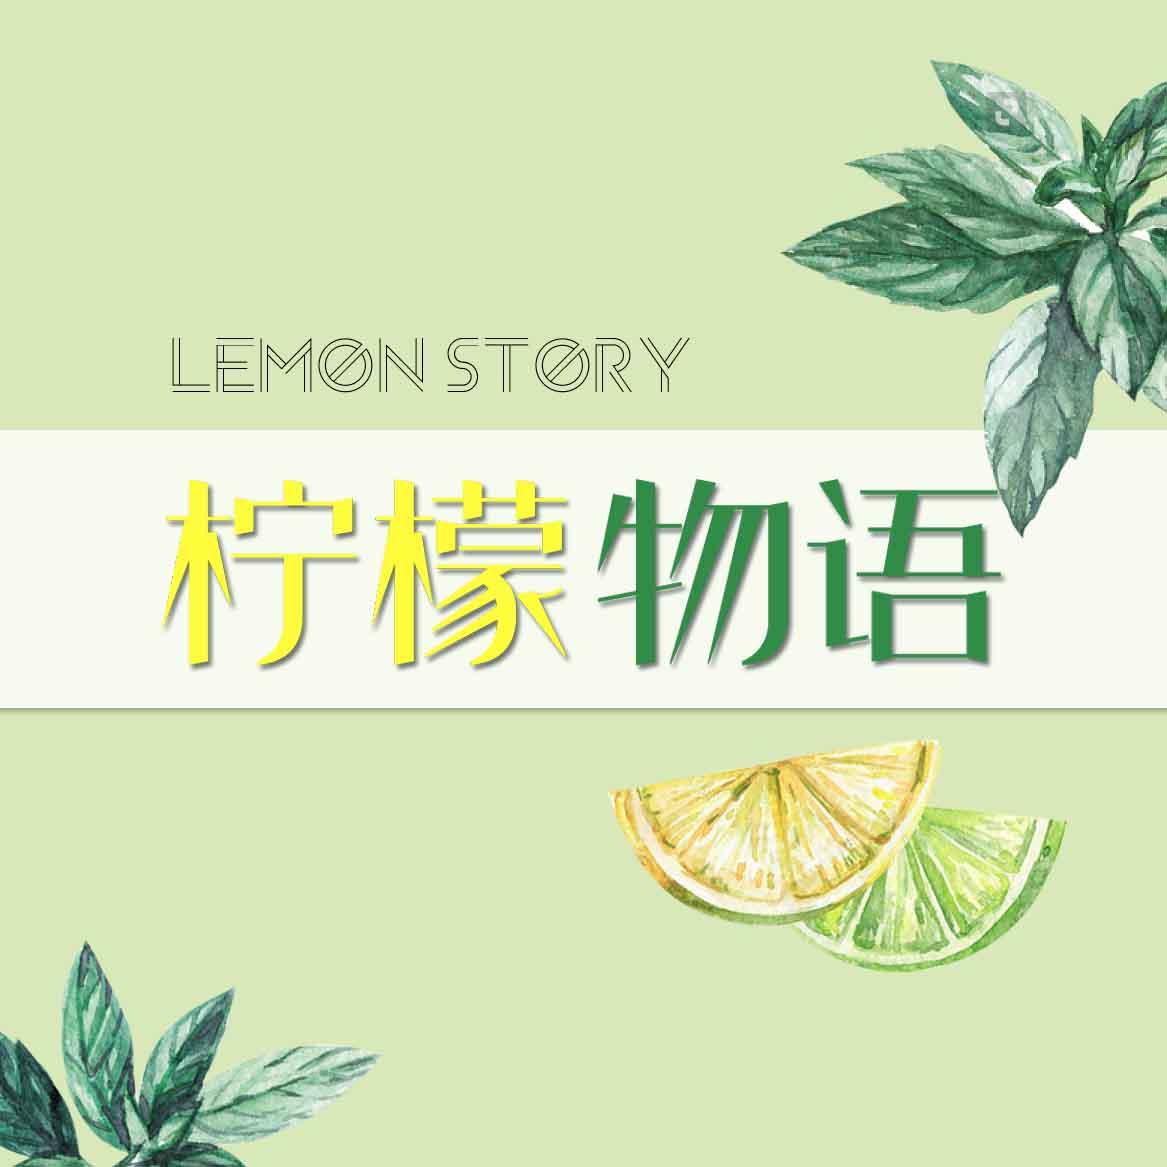 柠檬物语化妆品旗舰店